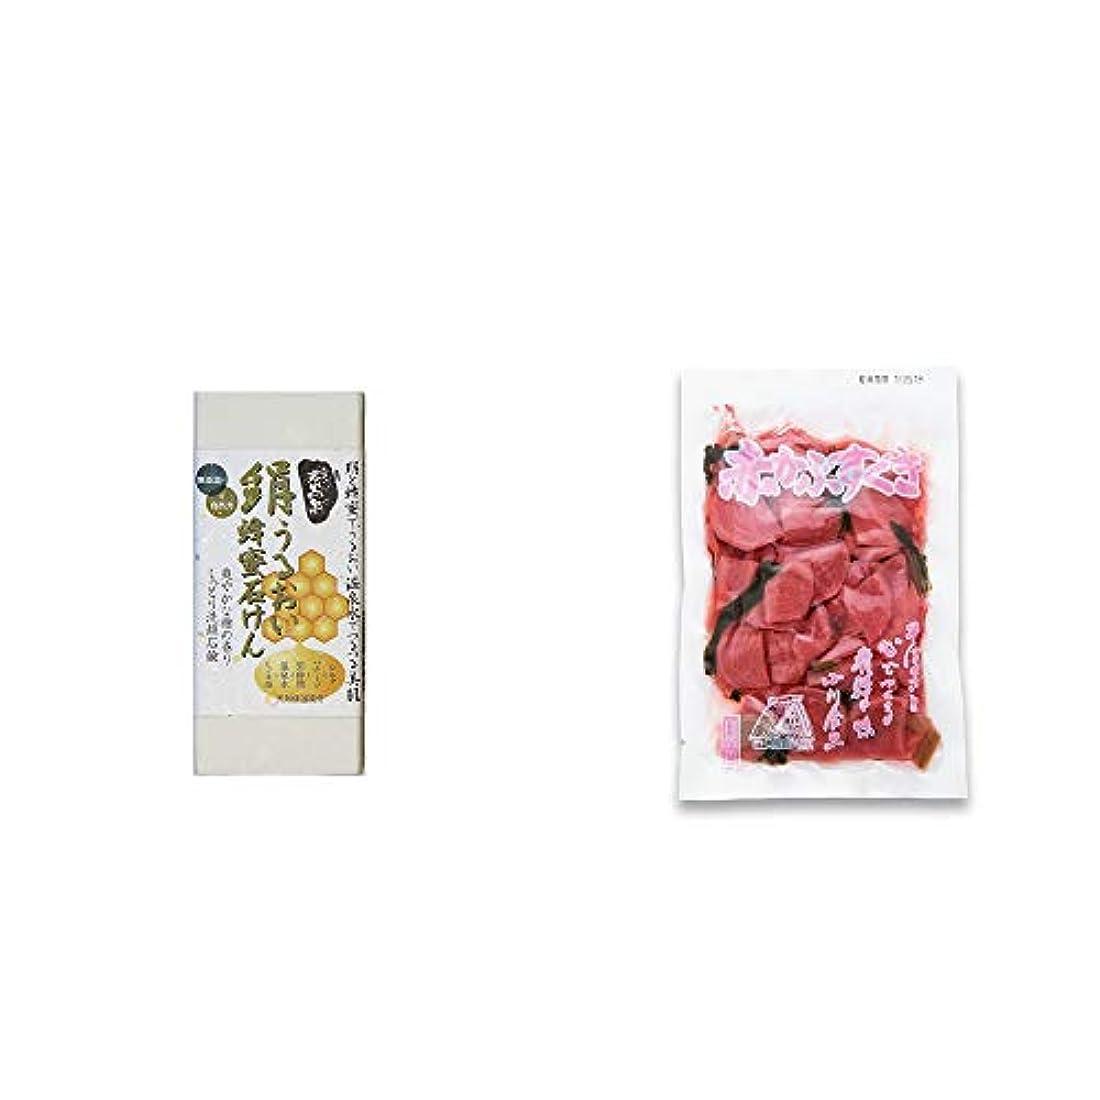 敬な関係選ぶ[2点セット] ひのき炭黒泉 絹うるおい蜂蜜石けん(75g×2)?赤かぶすぐき(160g)